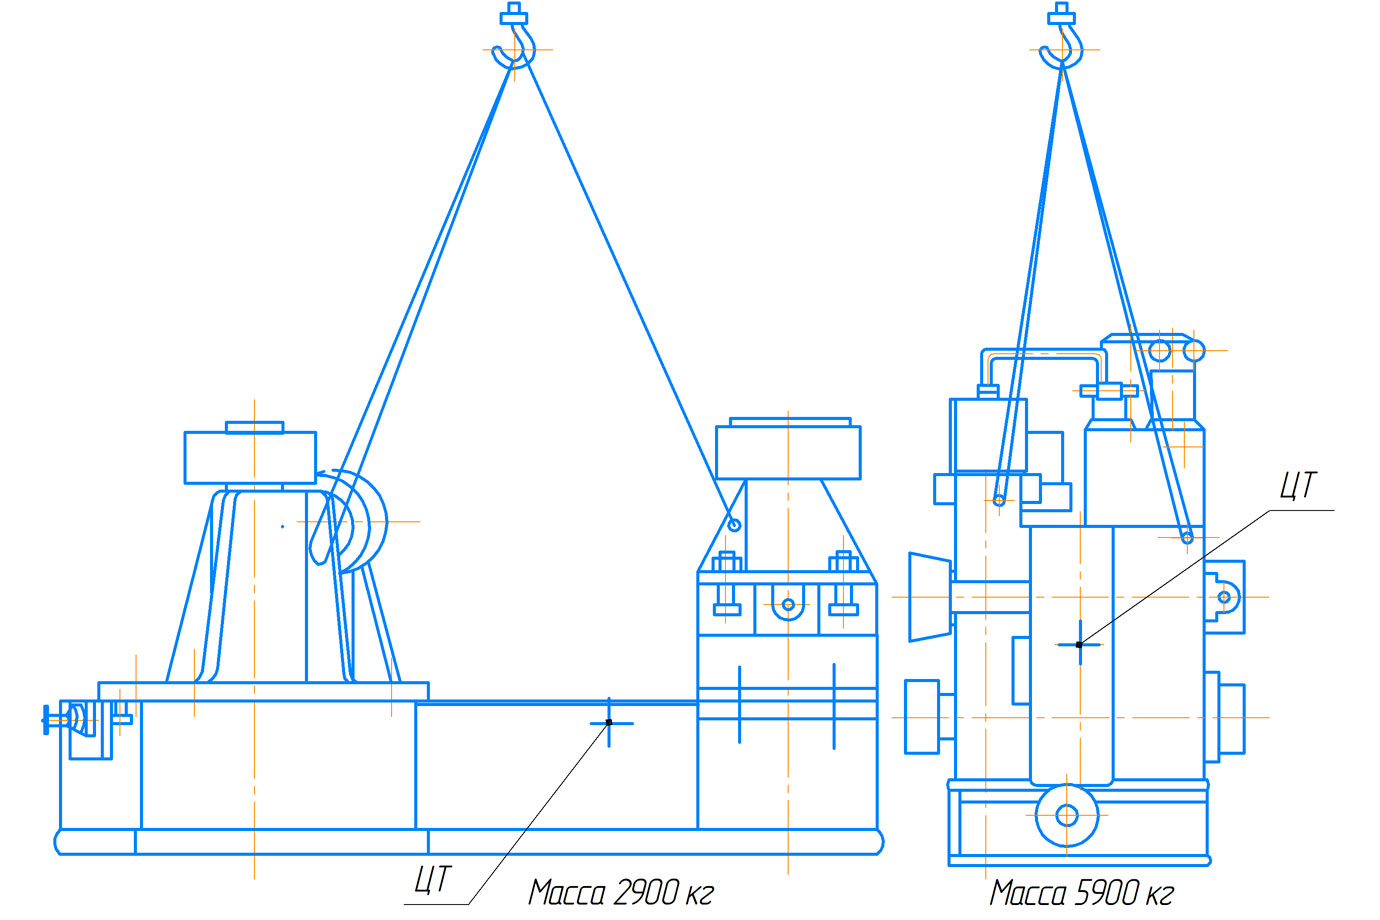 Схема транспортирования пресса гидравлического ПБ7730 для обжима буртов бандажей усилием 1000 кН